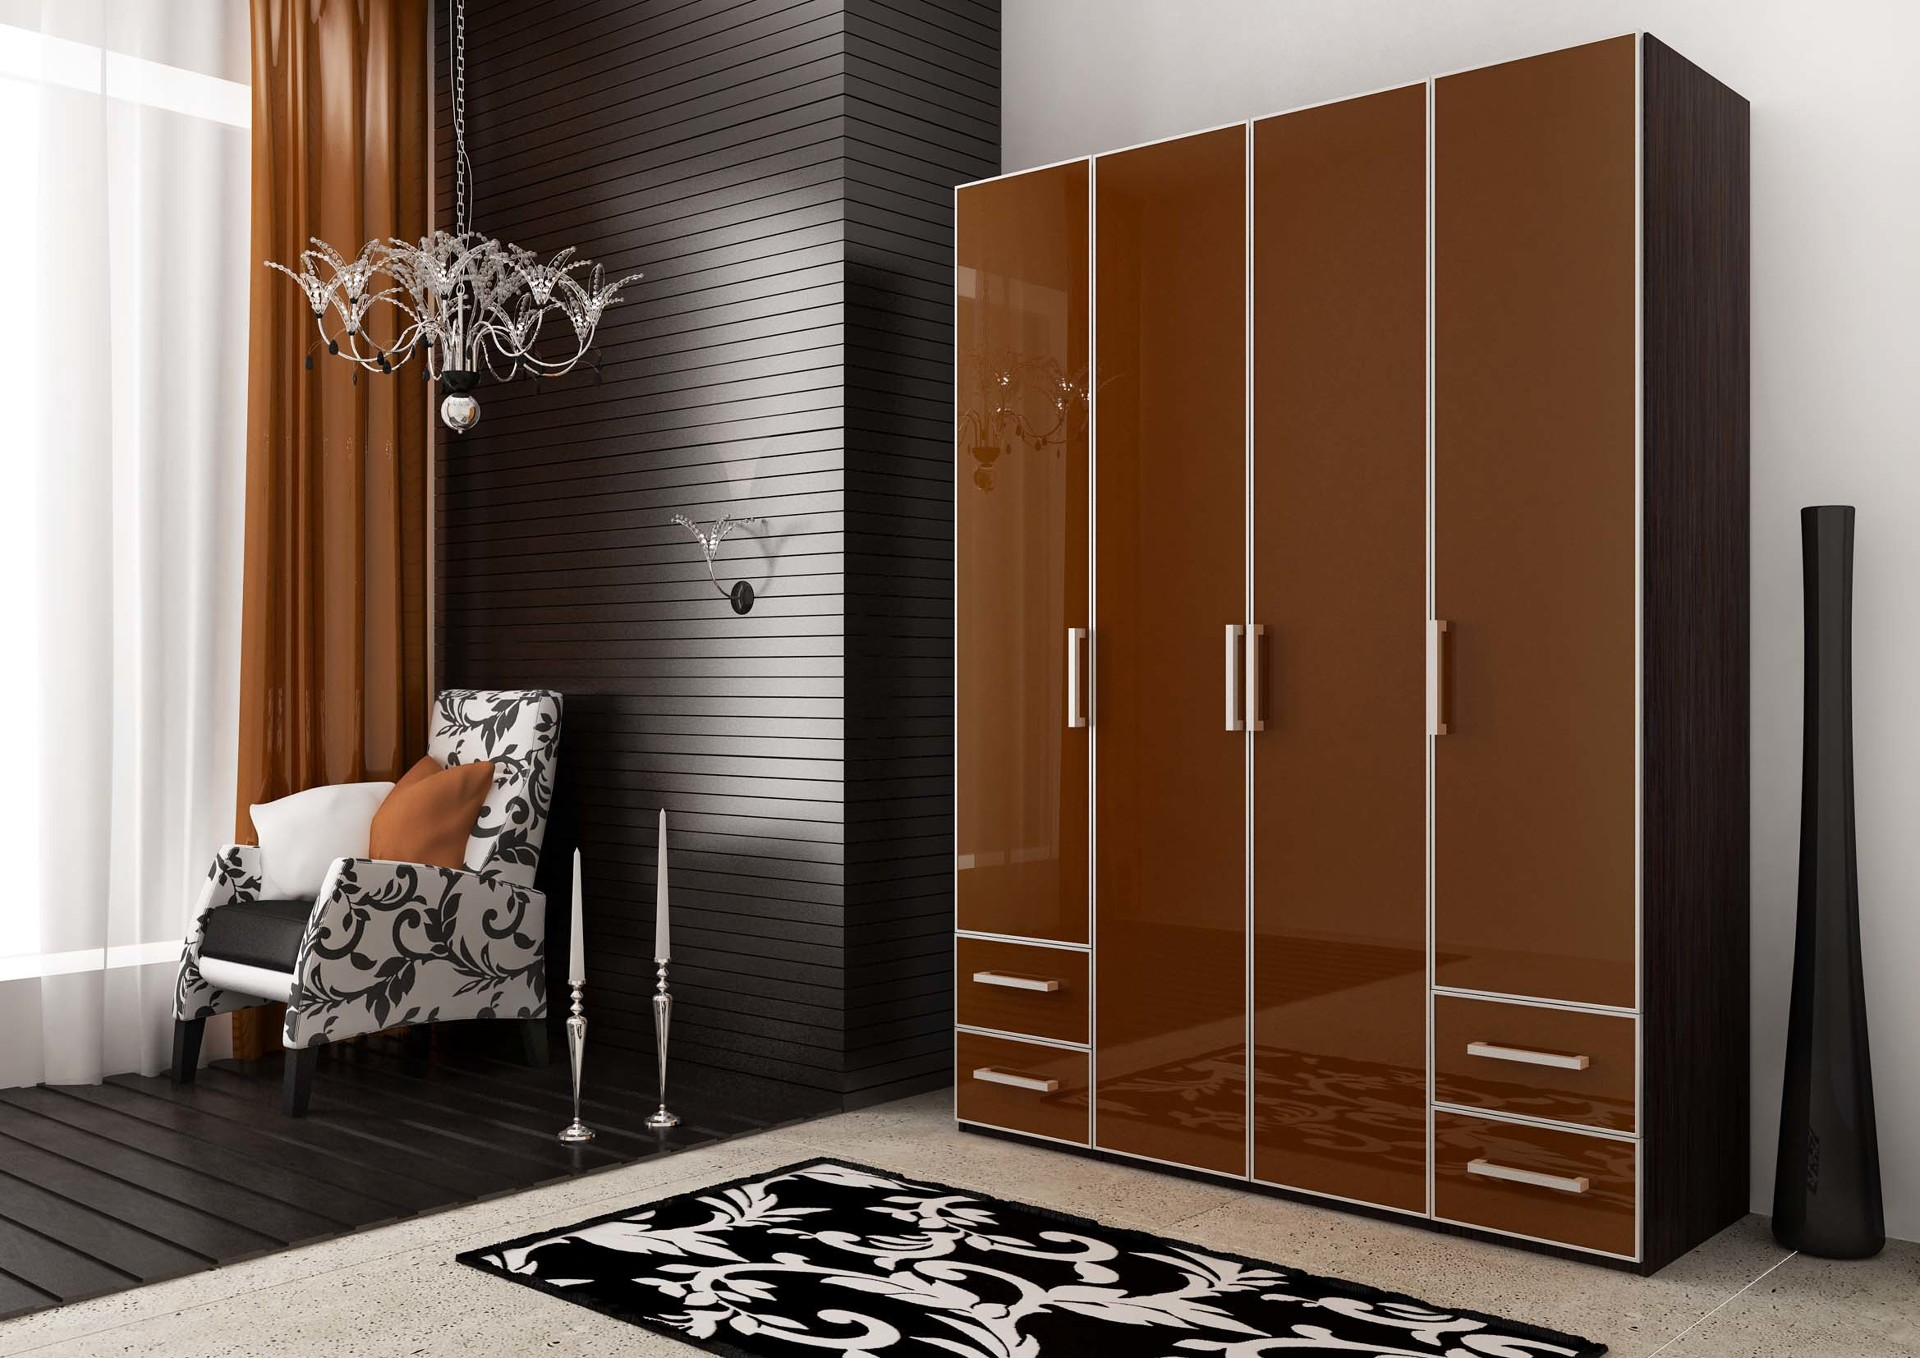 Популярные модели распашных шкафов, варианты внутреннего наполнения